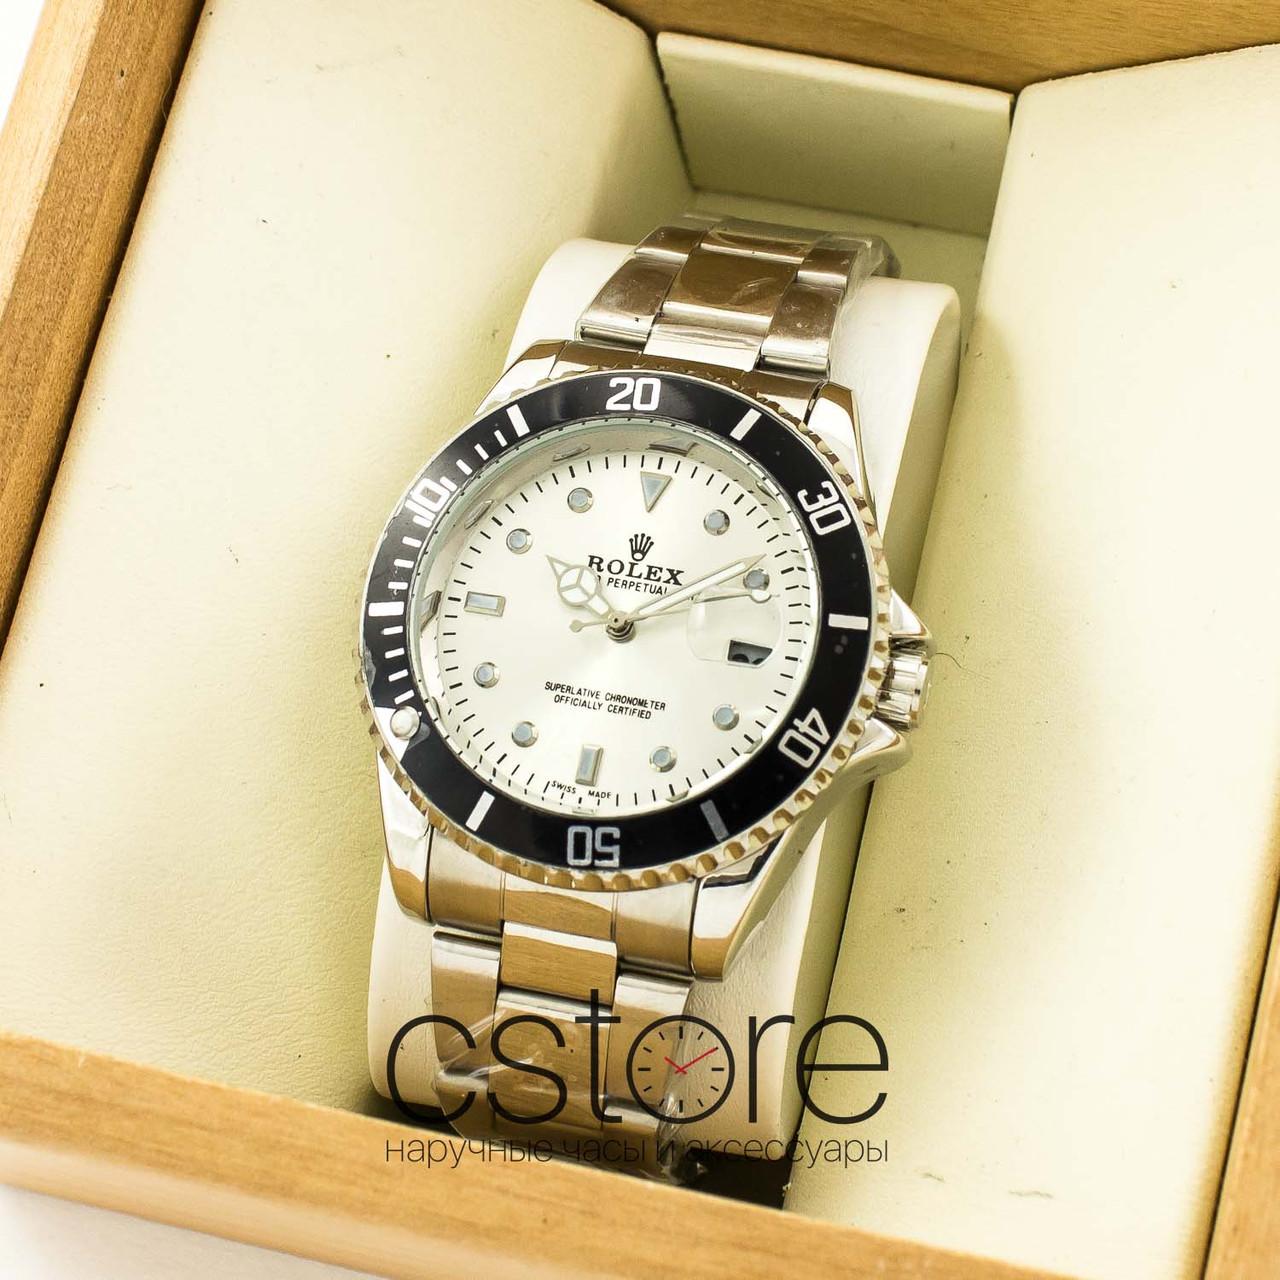 Наручные часы rolex копии интернет магазин интернет магазины продажа наручных часов